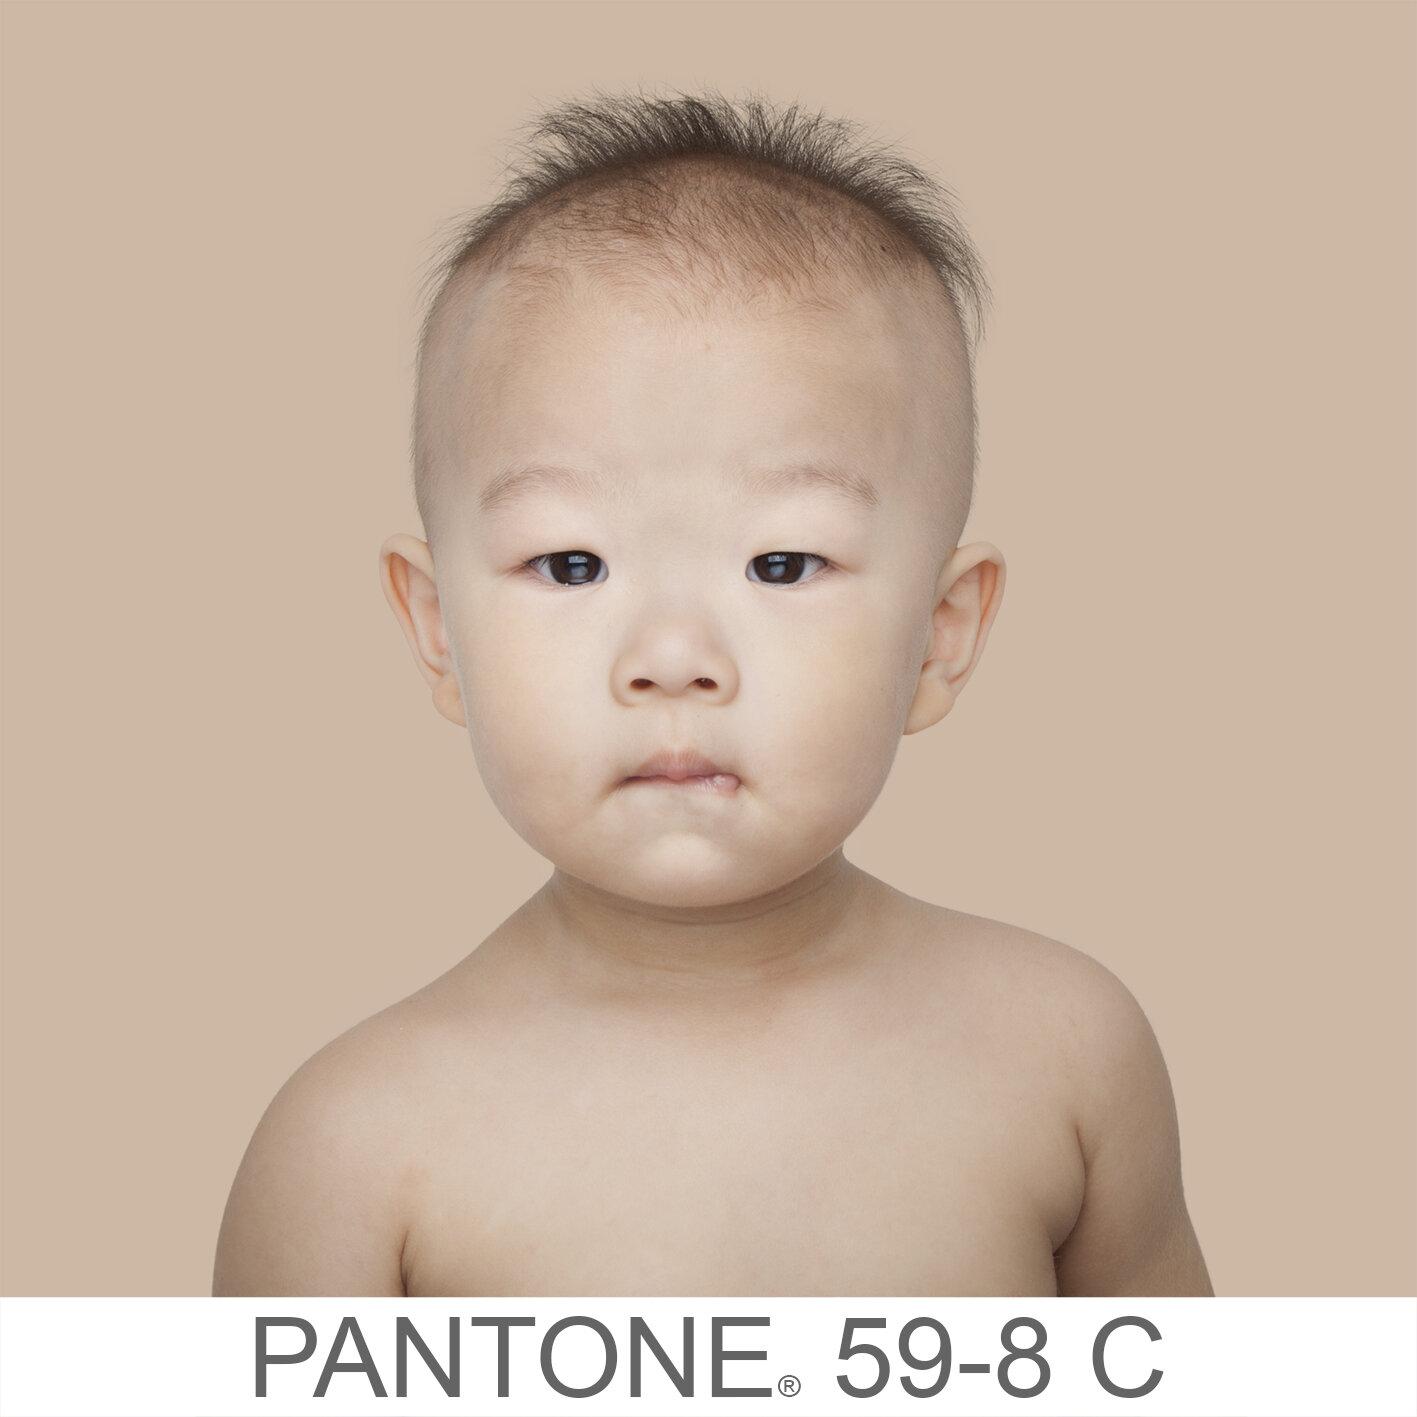 humanae 59-8 C c copia.jpg